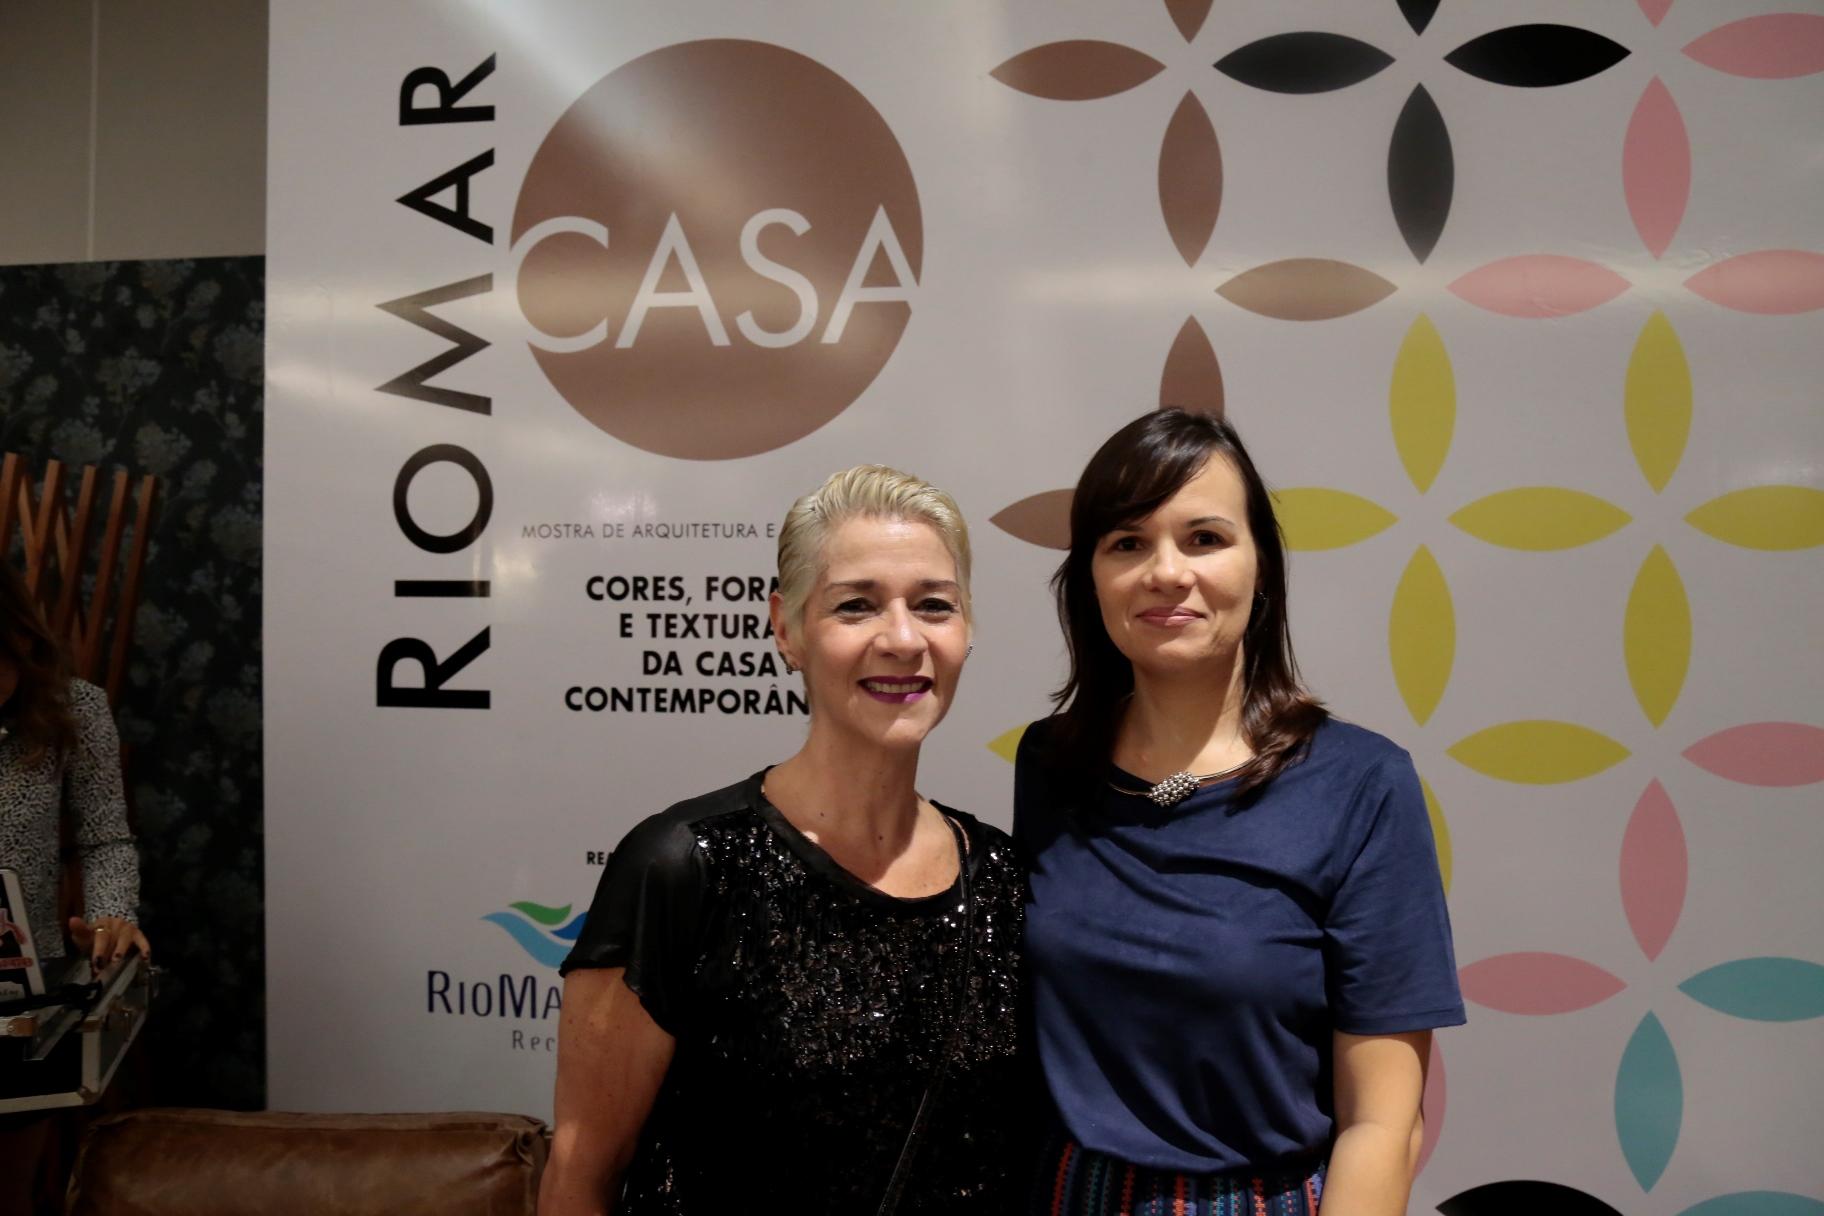 Carla Guerra e Denielly Halinski, do RioMar - Crédito: Gleyson Ramos/Carlota Comunicação/Divulgação